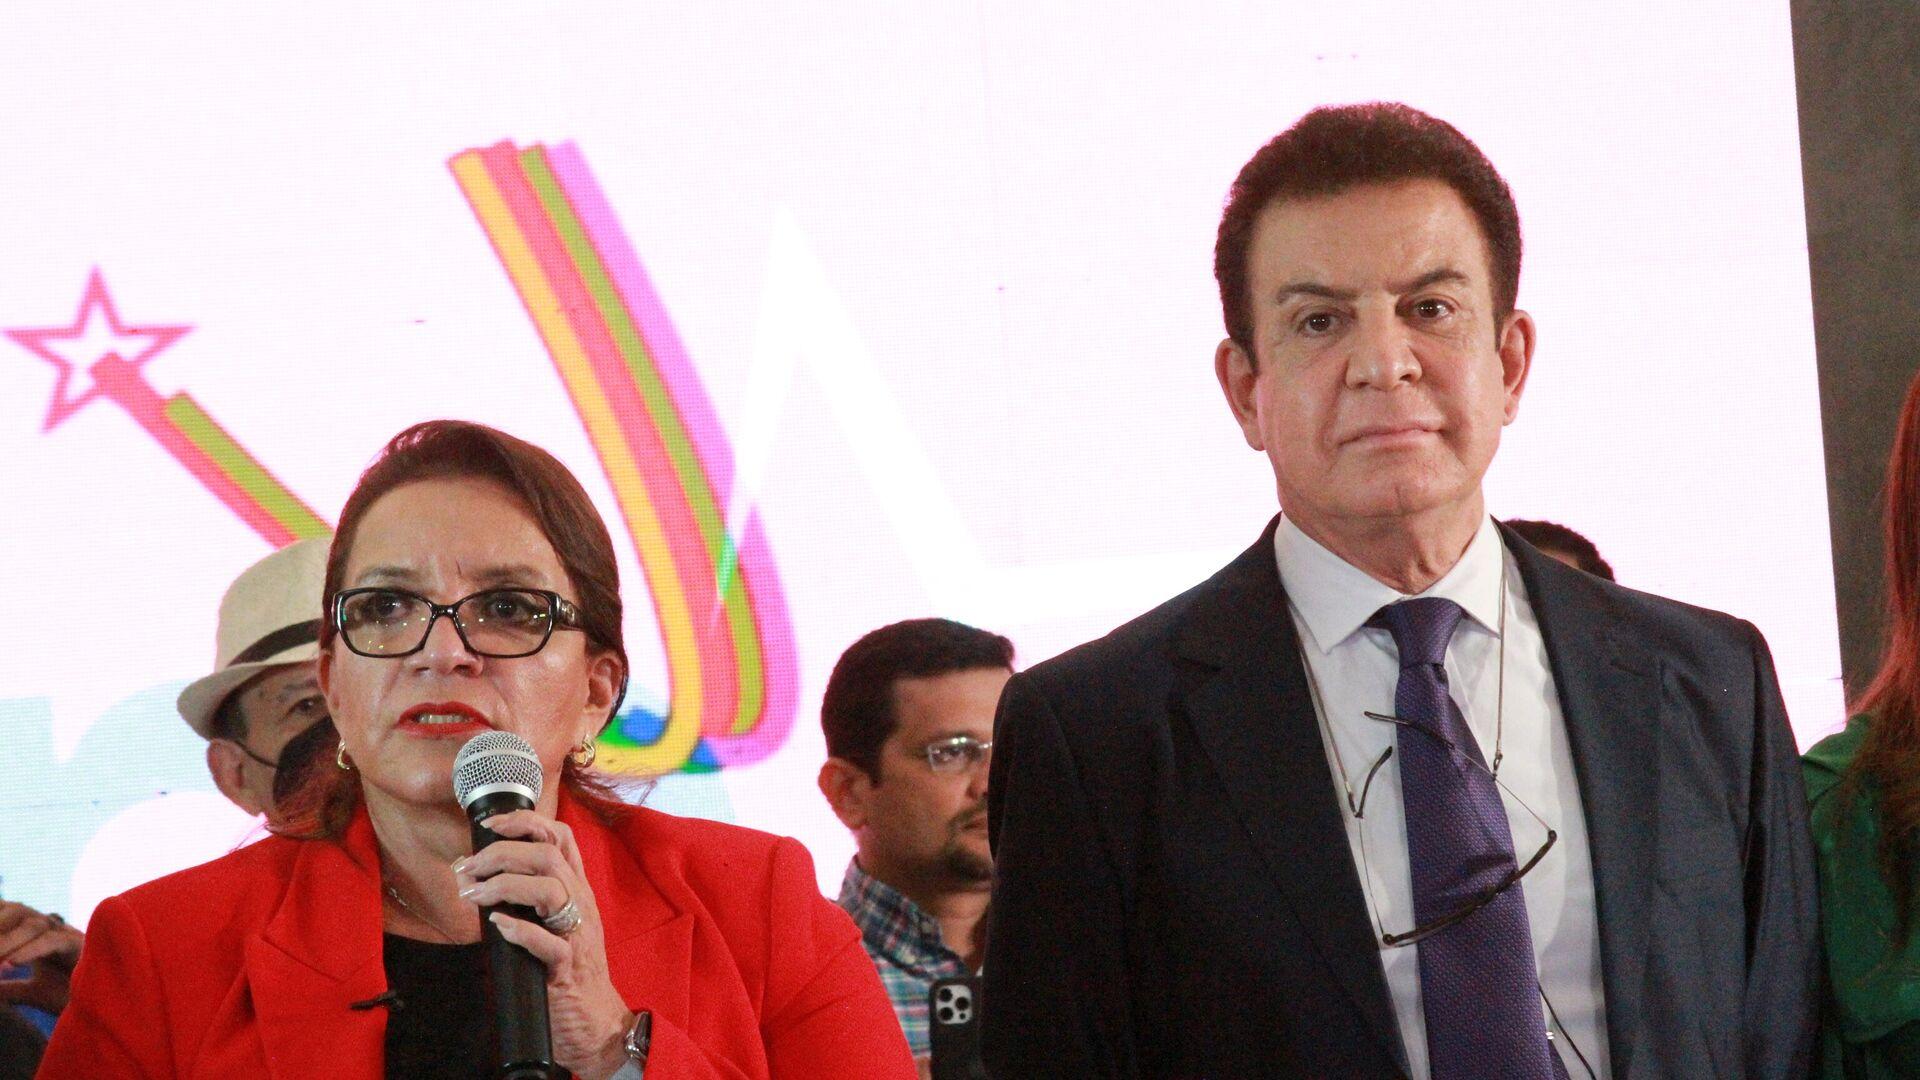 La candidata de la izquierda hondureña Xiomara Castro, junto a Salvador Nasralla - Sputnik Mundo, 1920, 14.10.2021